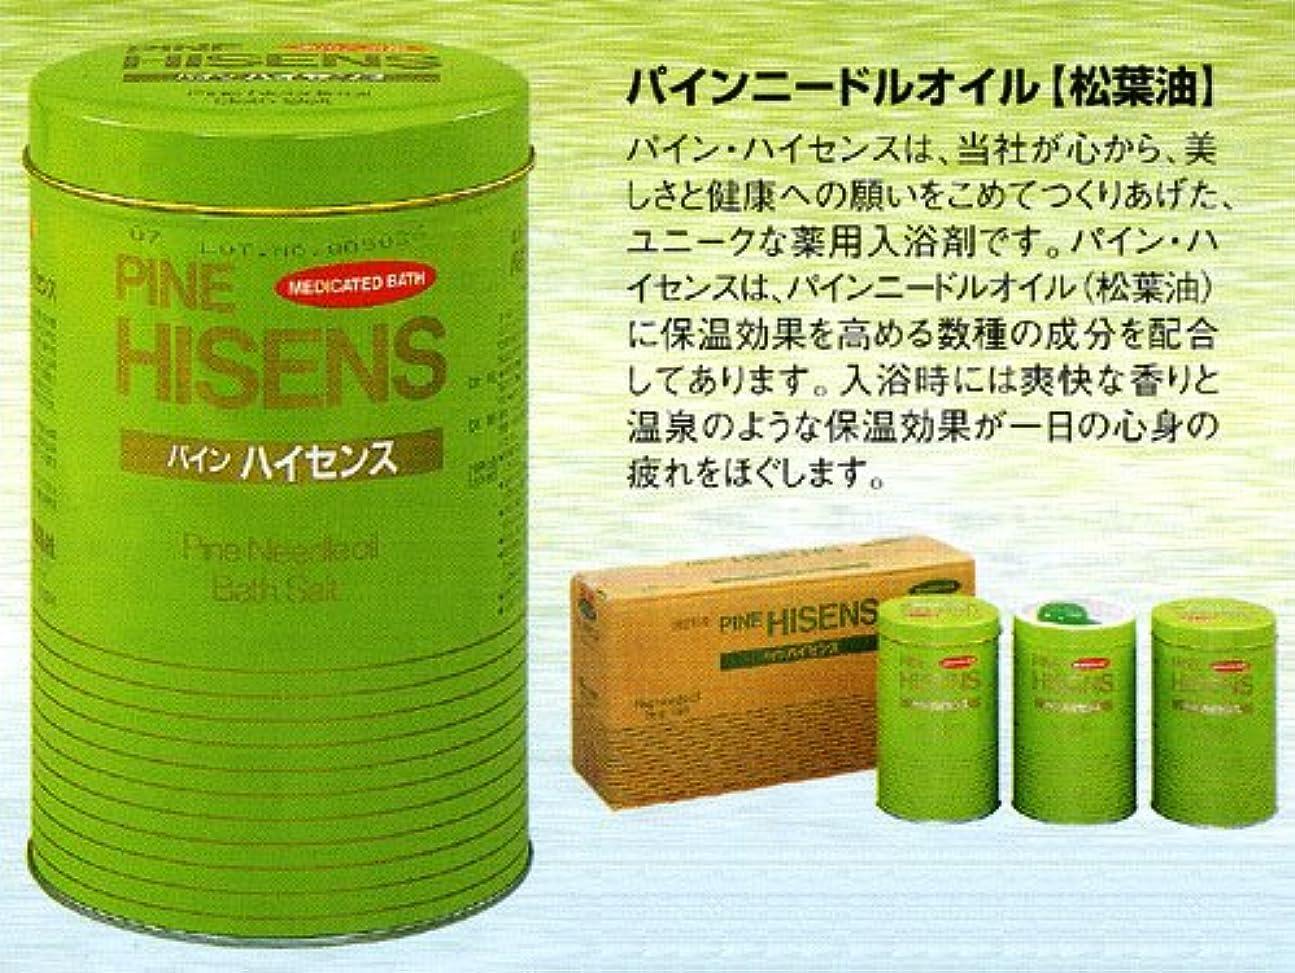 岸軽減外側高陽社 薬用入浴剤 パインハイセンス 2.1kg 3缶セット